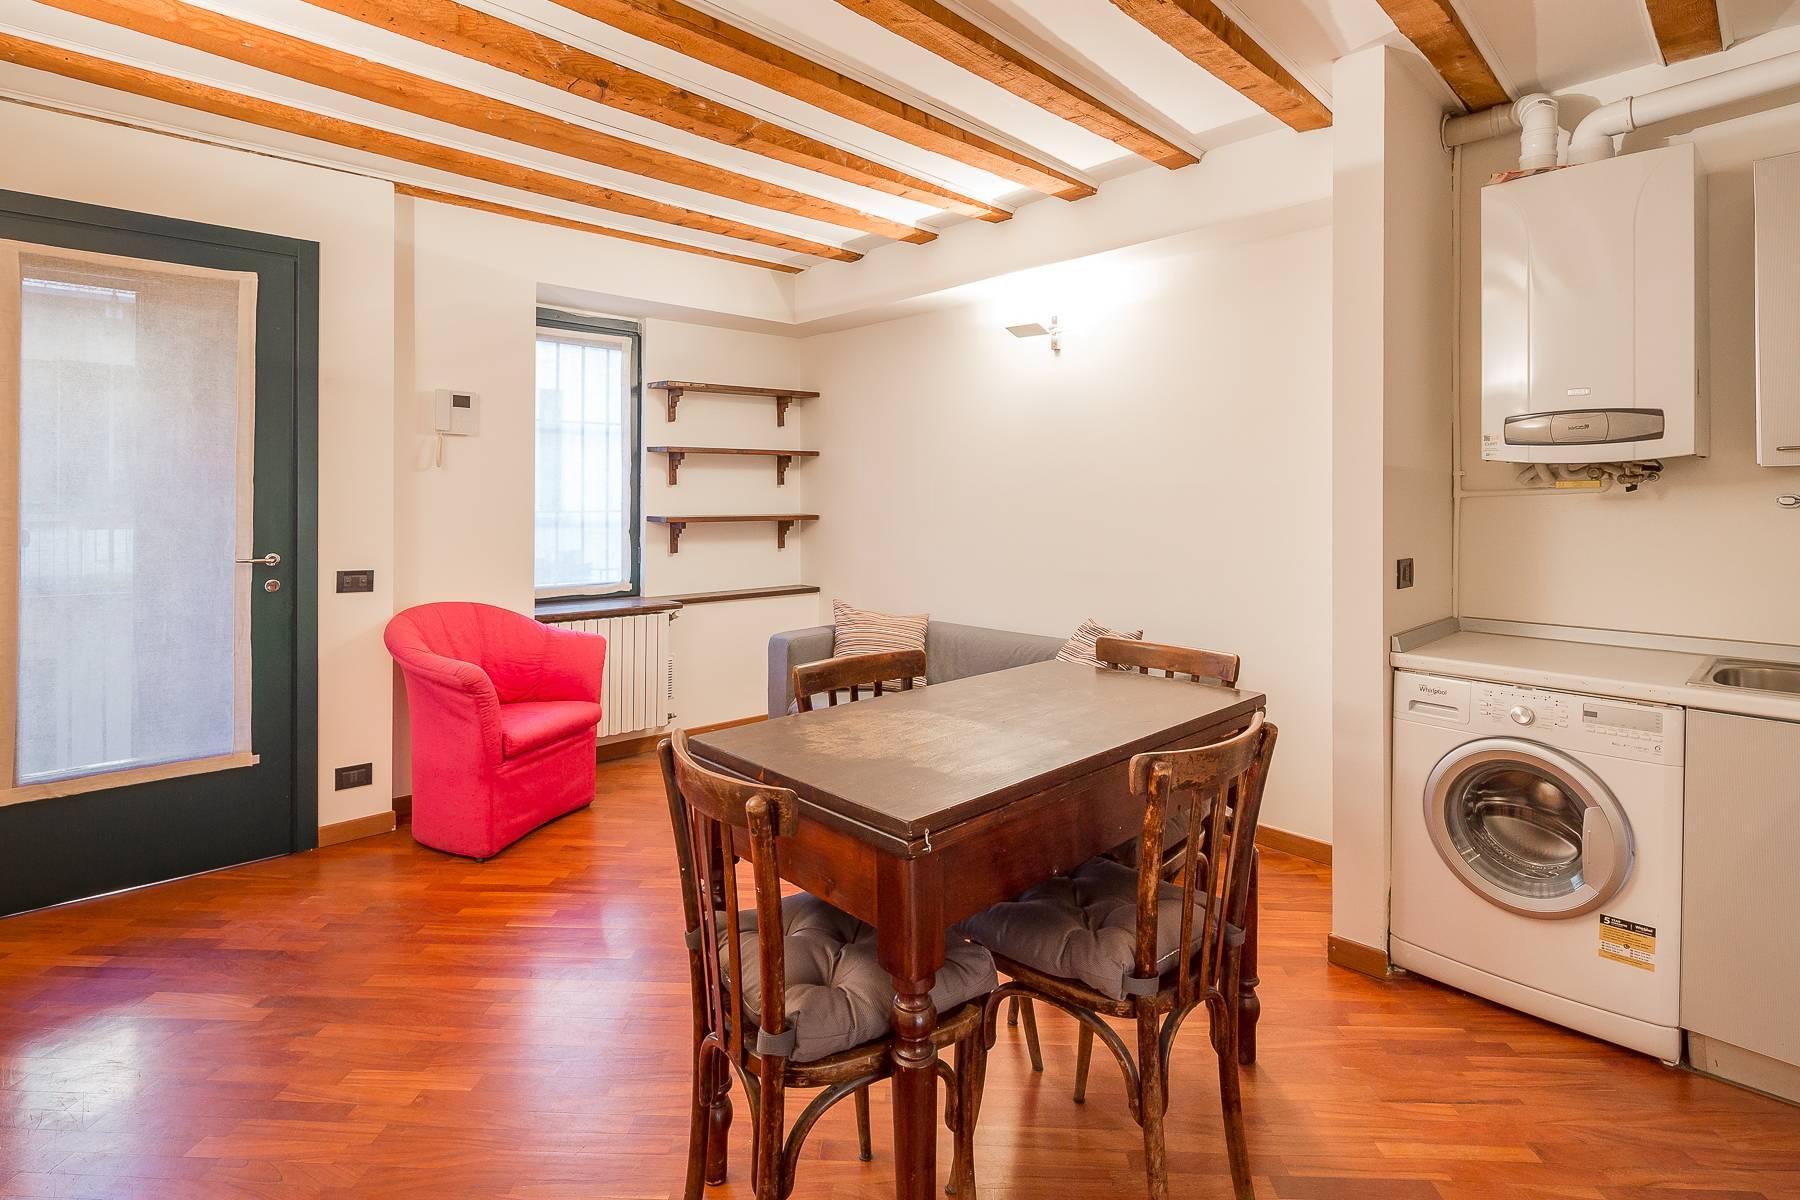 Renovierte Zwei-zimmer wohnung im Stadtviertel Navigli - 6